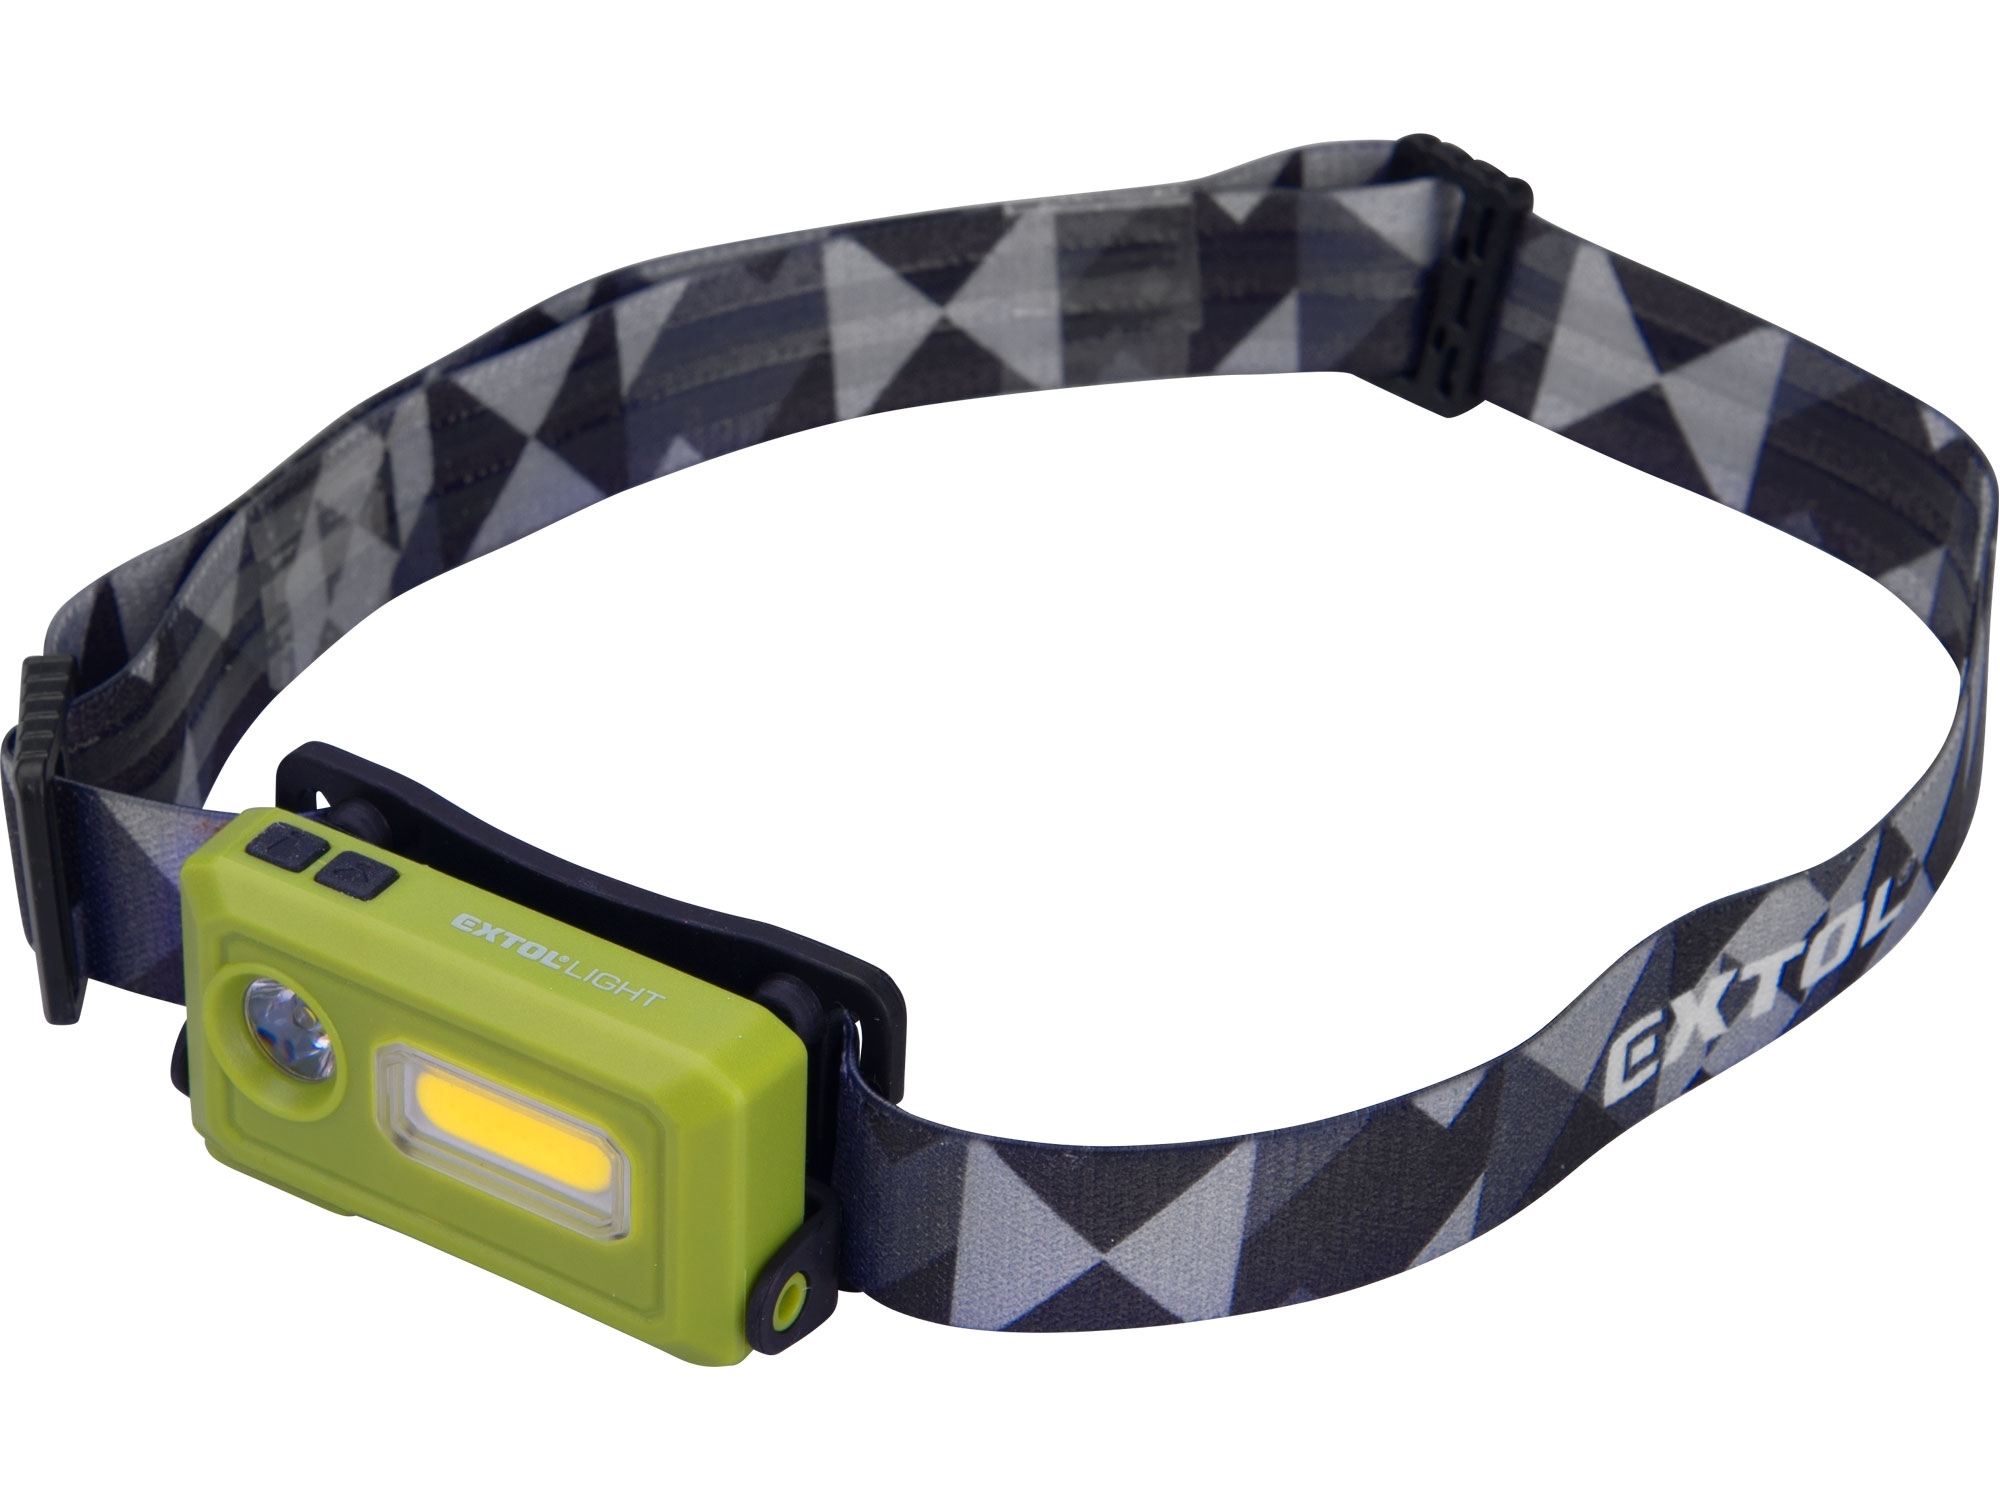 čelovka 140lm, USB nabíjení, LED+COB LED